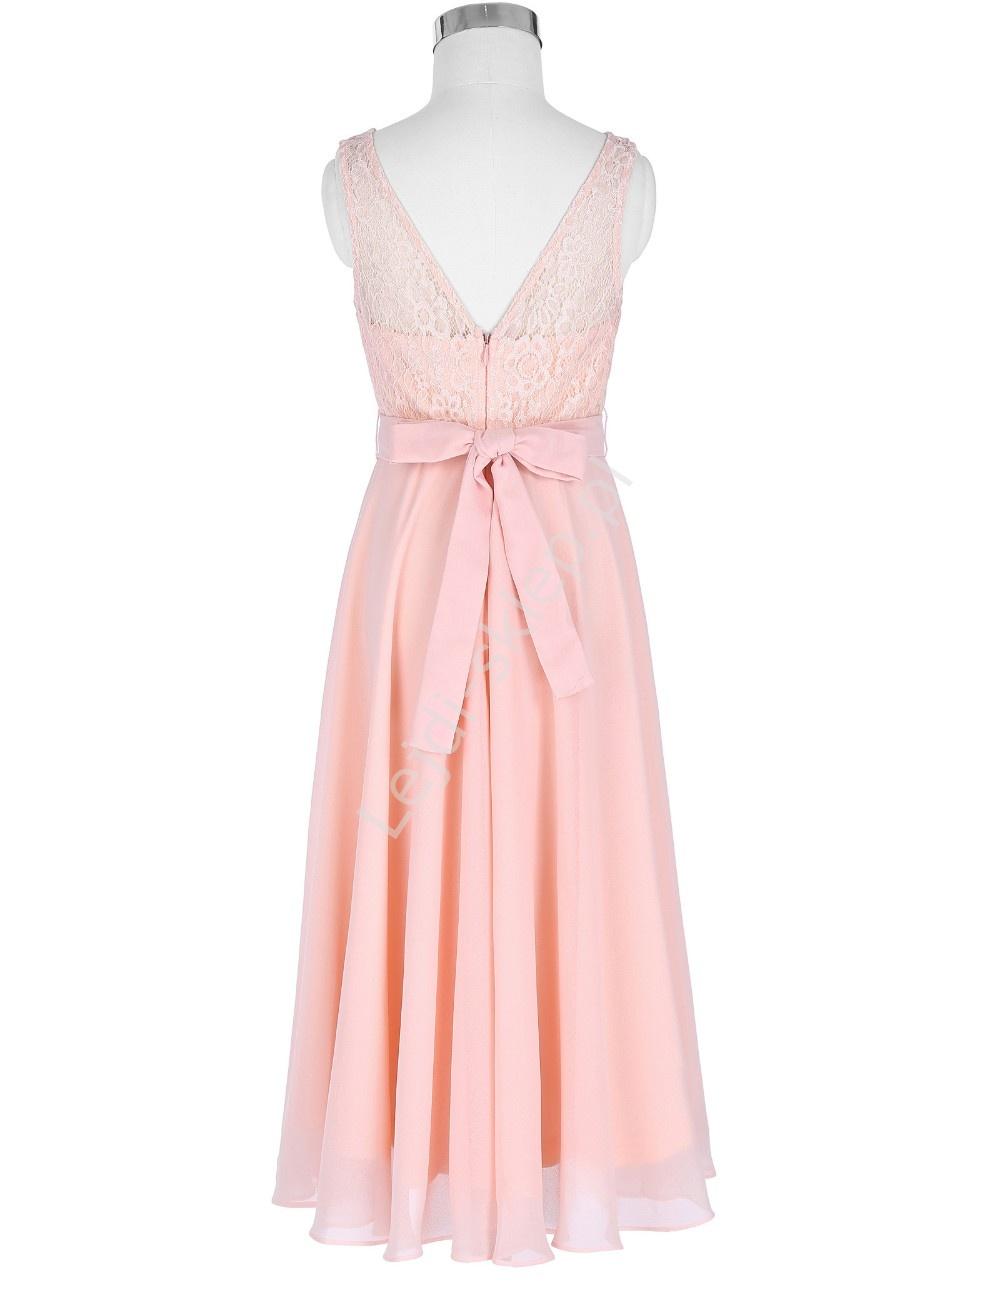 Oferujemy sukienki wizytowe dla dziewczynek dostępne w różnych wzorach i kolorach. Śliczne sukienki ozdabiane dodatkami takimi jak kokardy, czy kołnierzyki idealnie sprawdzą się na takie okazje jak wesela, komunie, rozpoczęcie roku.